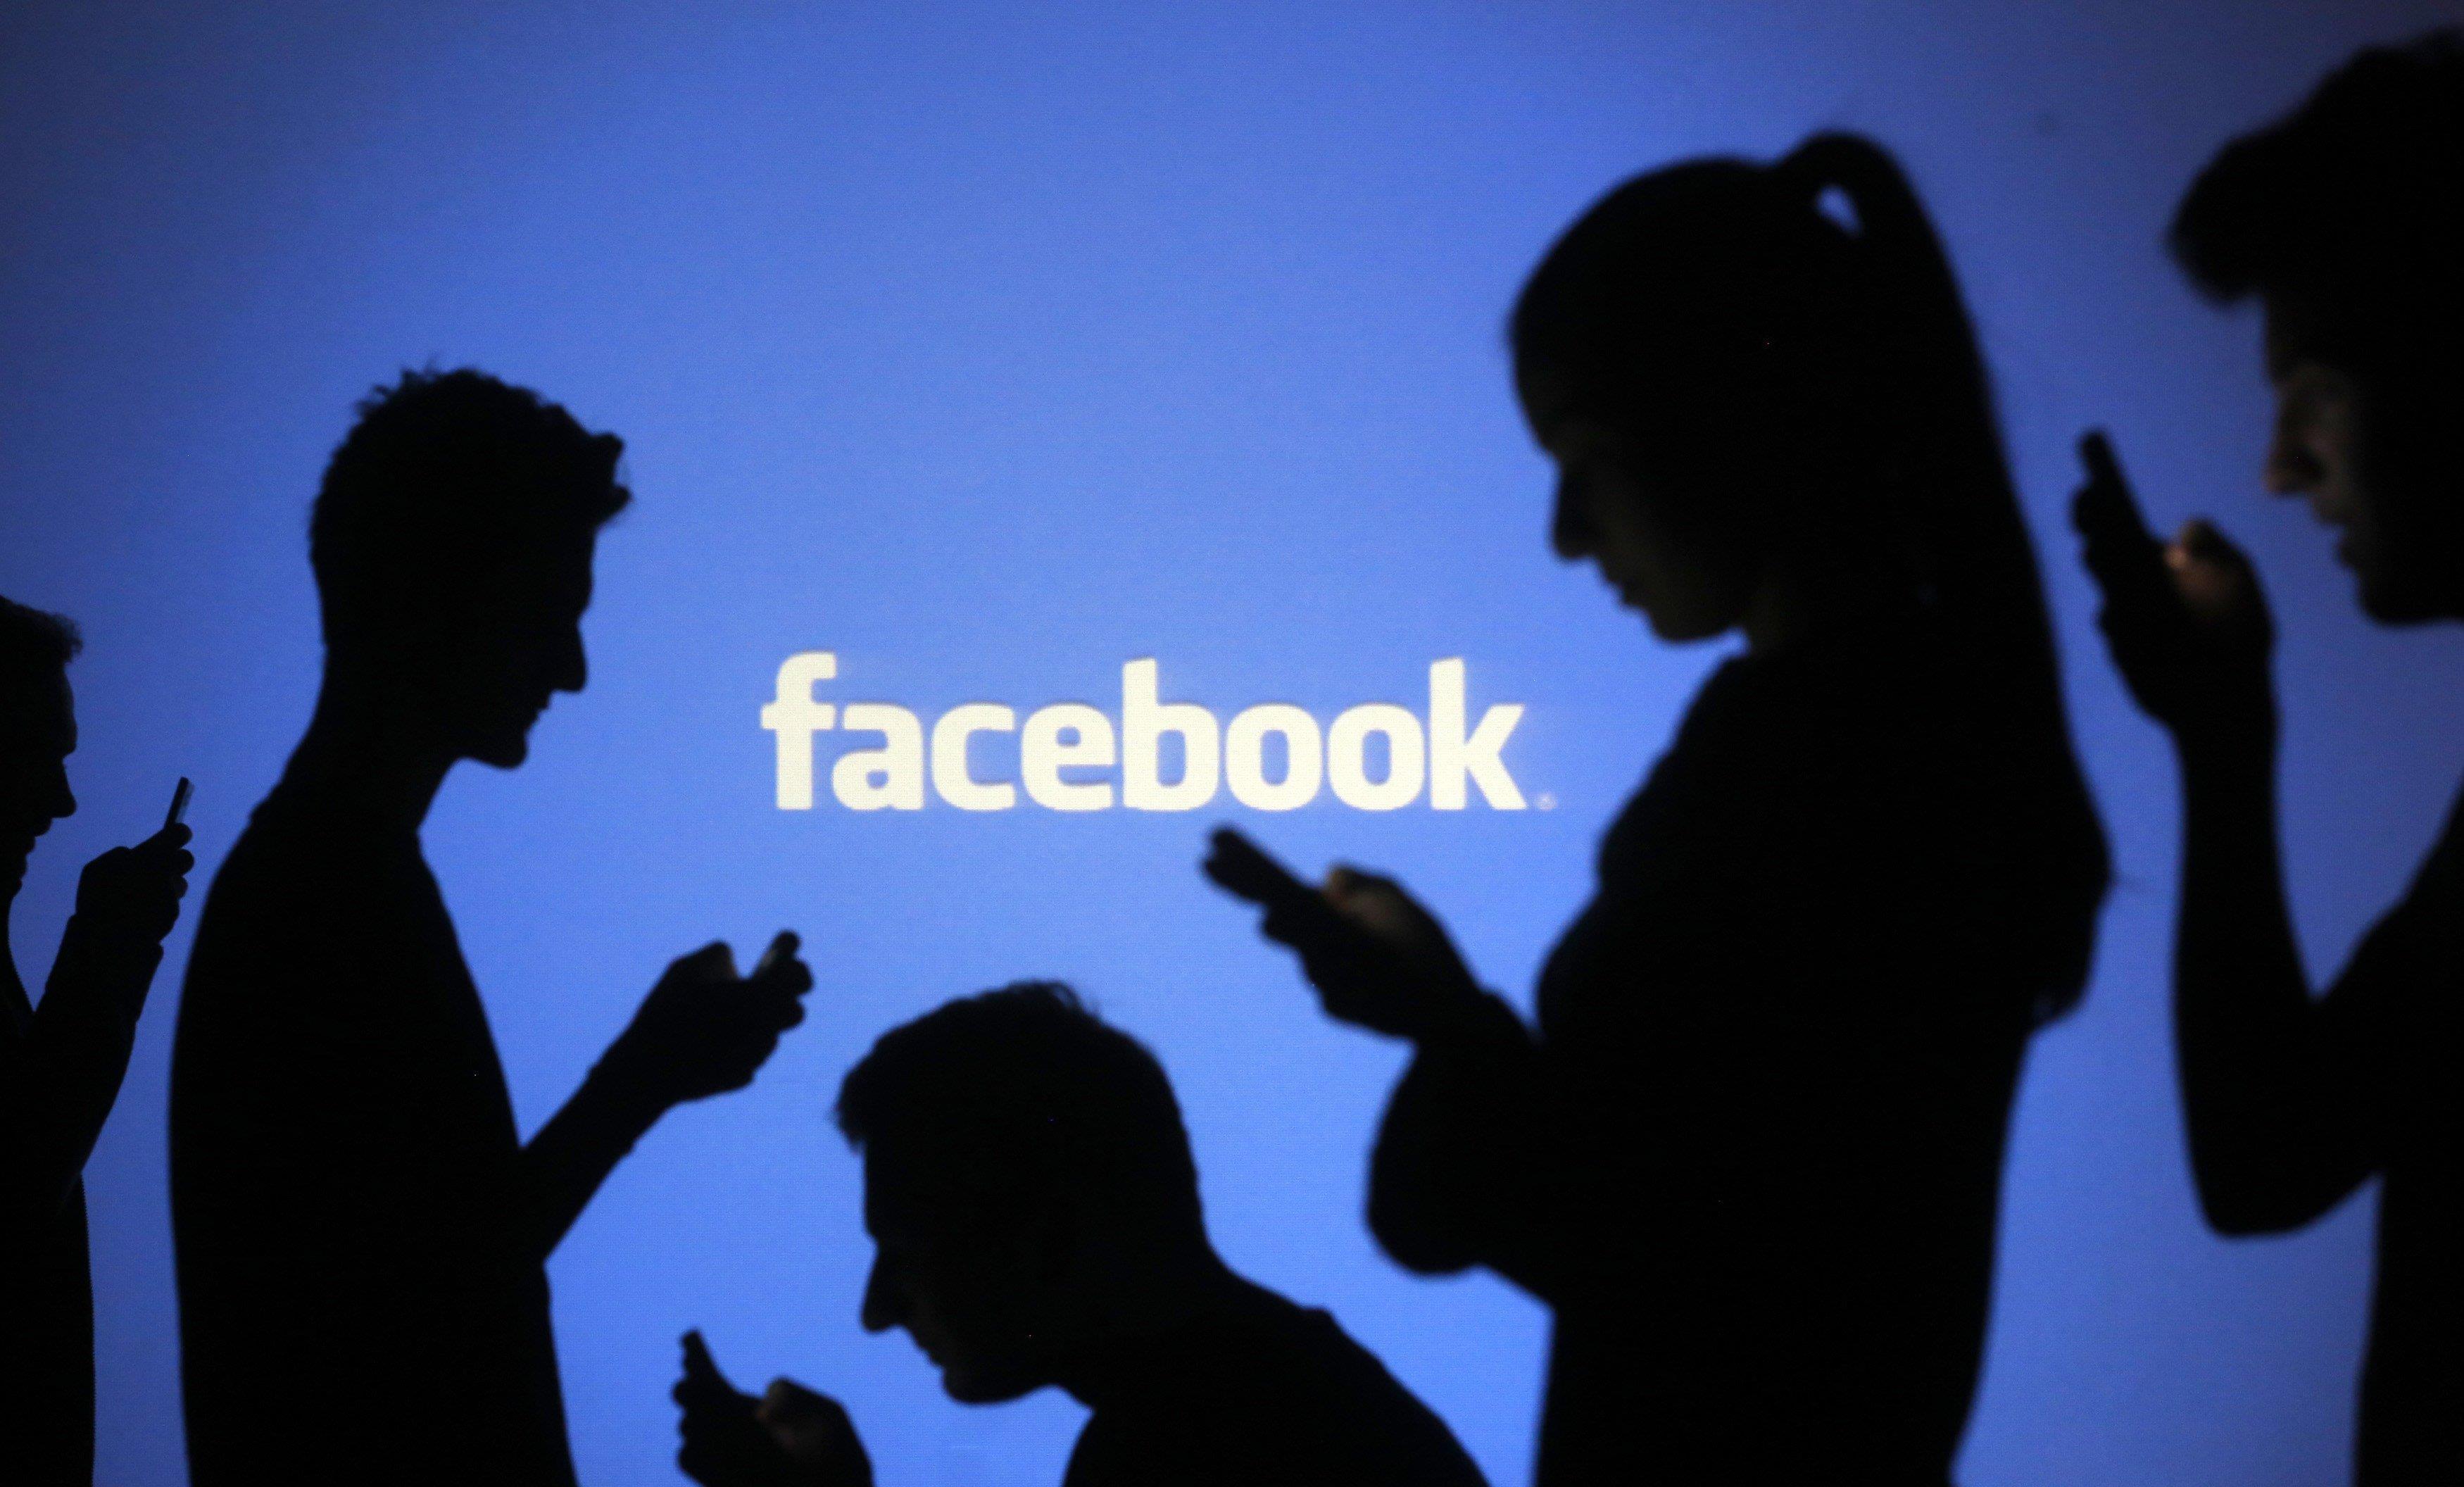 Ways To Avoid Facebook Addiction